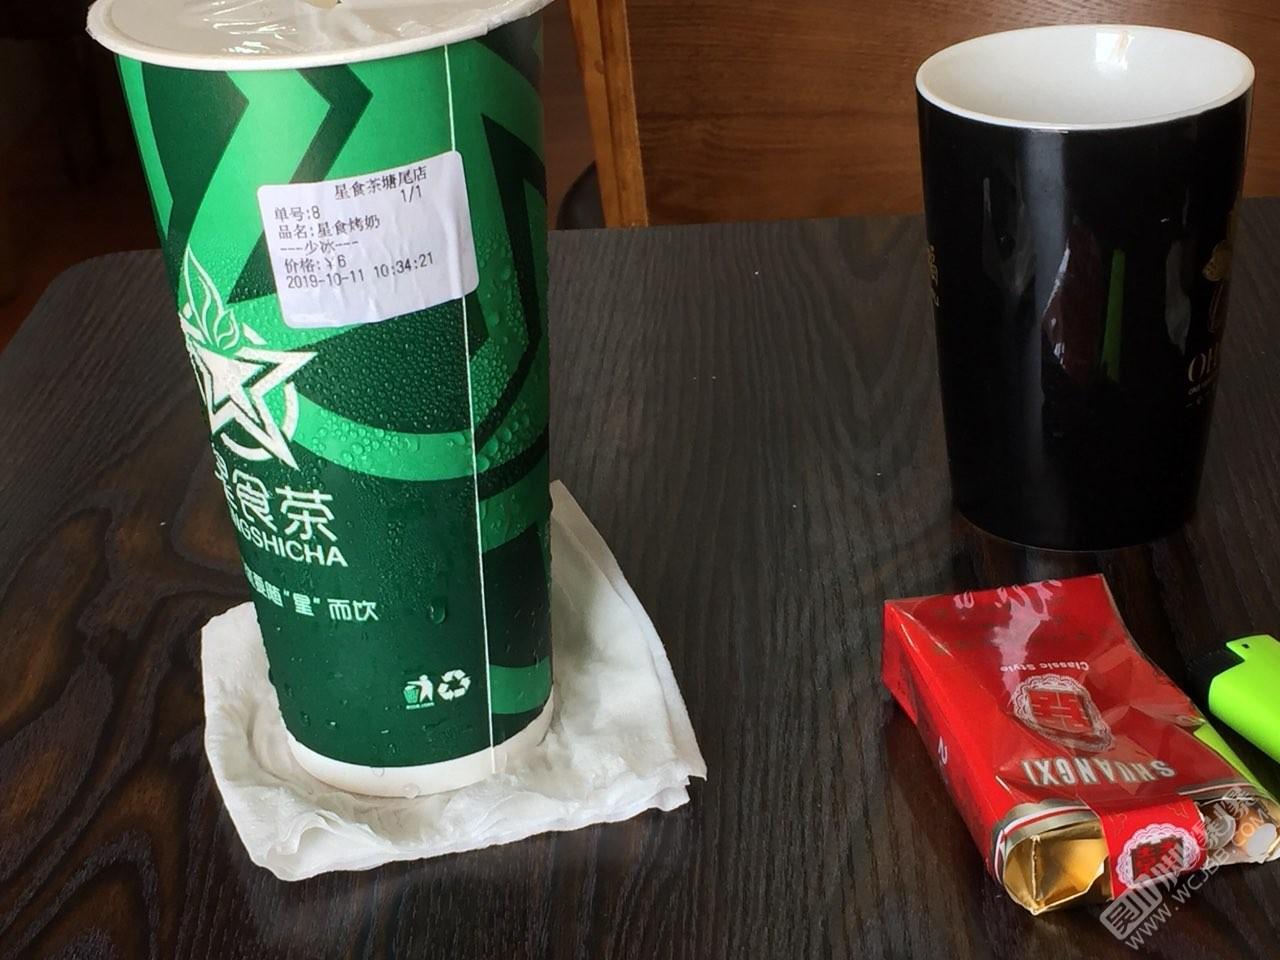 會不會太早喝奶茶了,人沒等到就肥了,一天三杯